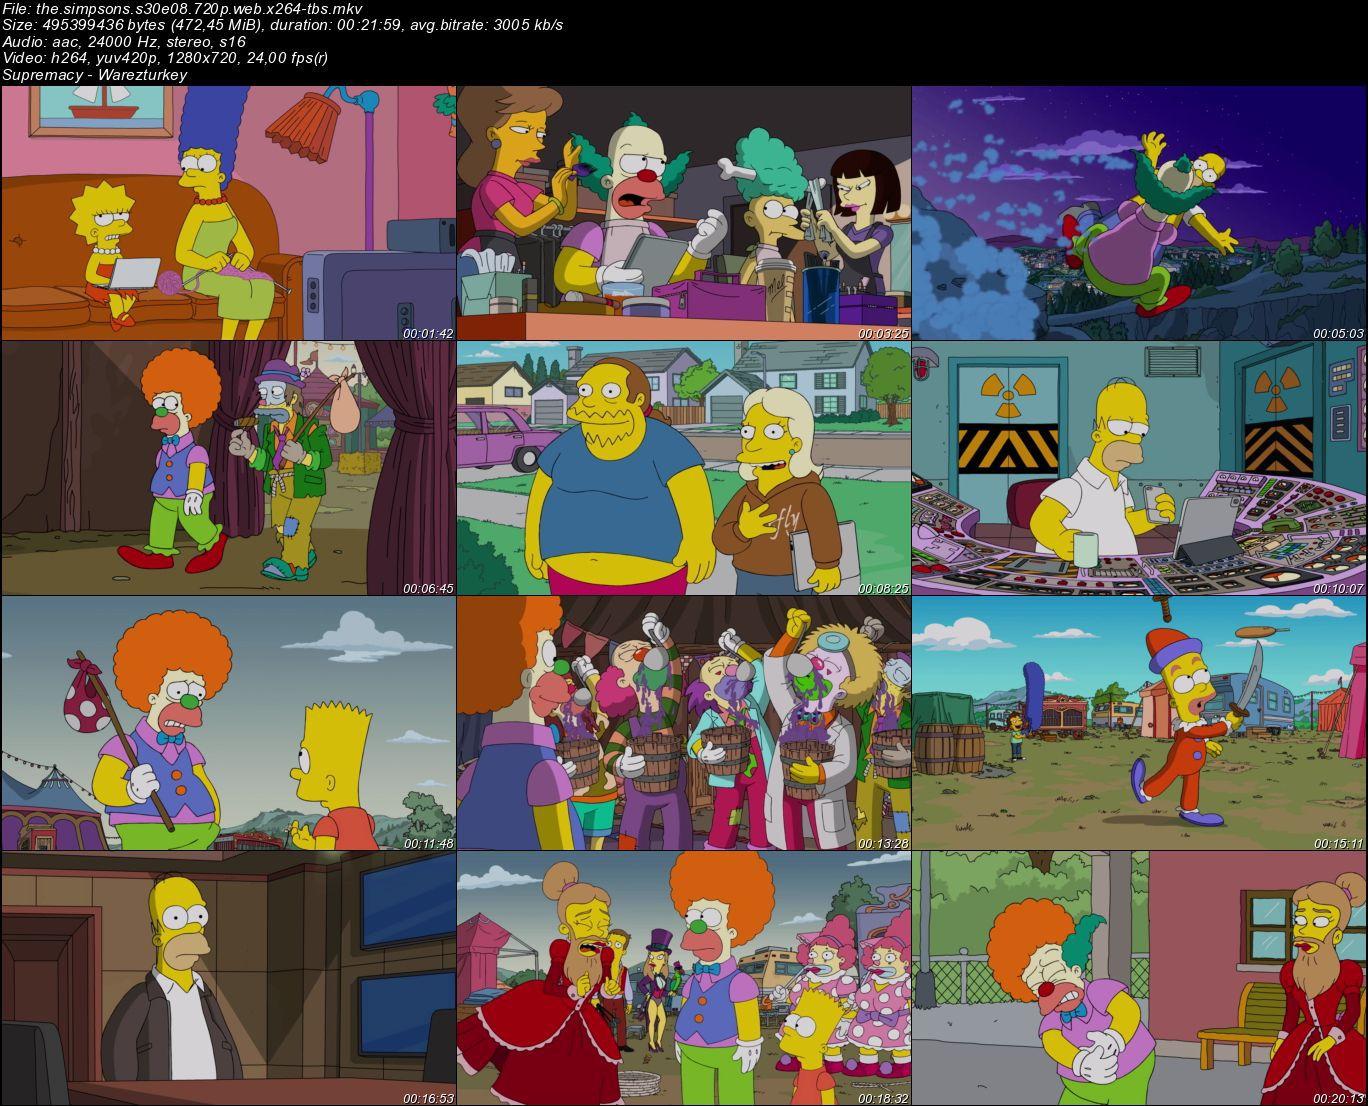 The Simpsons - Sezon 30 - 720p HDTV - Türkçe Altyazılı